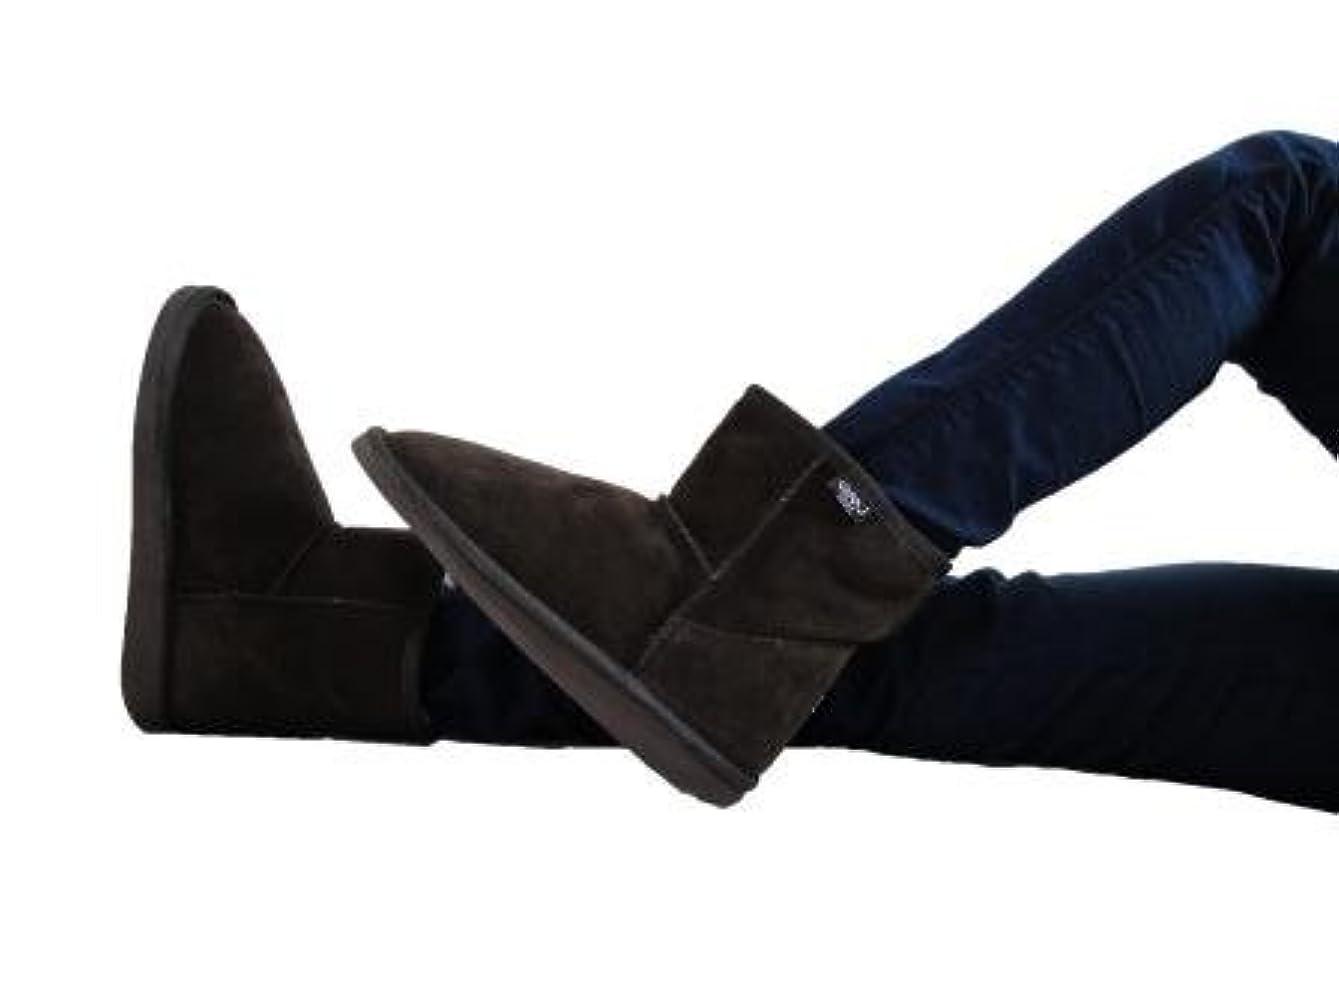 育成かすれた靴下[エミュー] BRONTE MINI W20003 Chocolate Size24cm